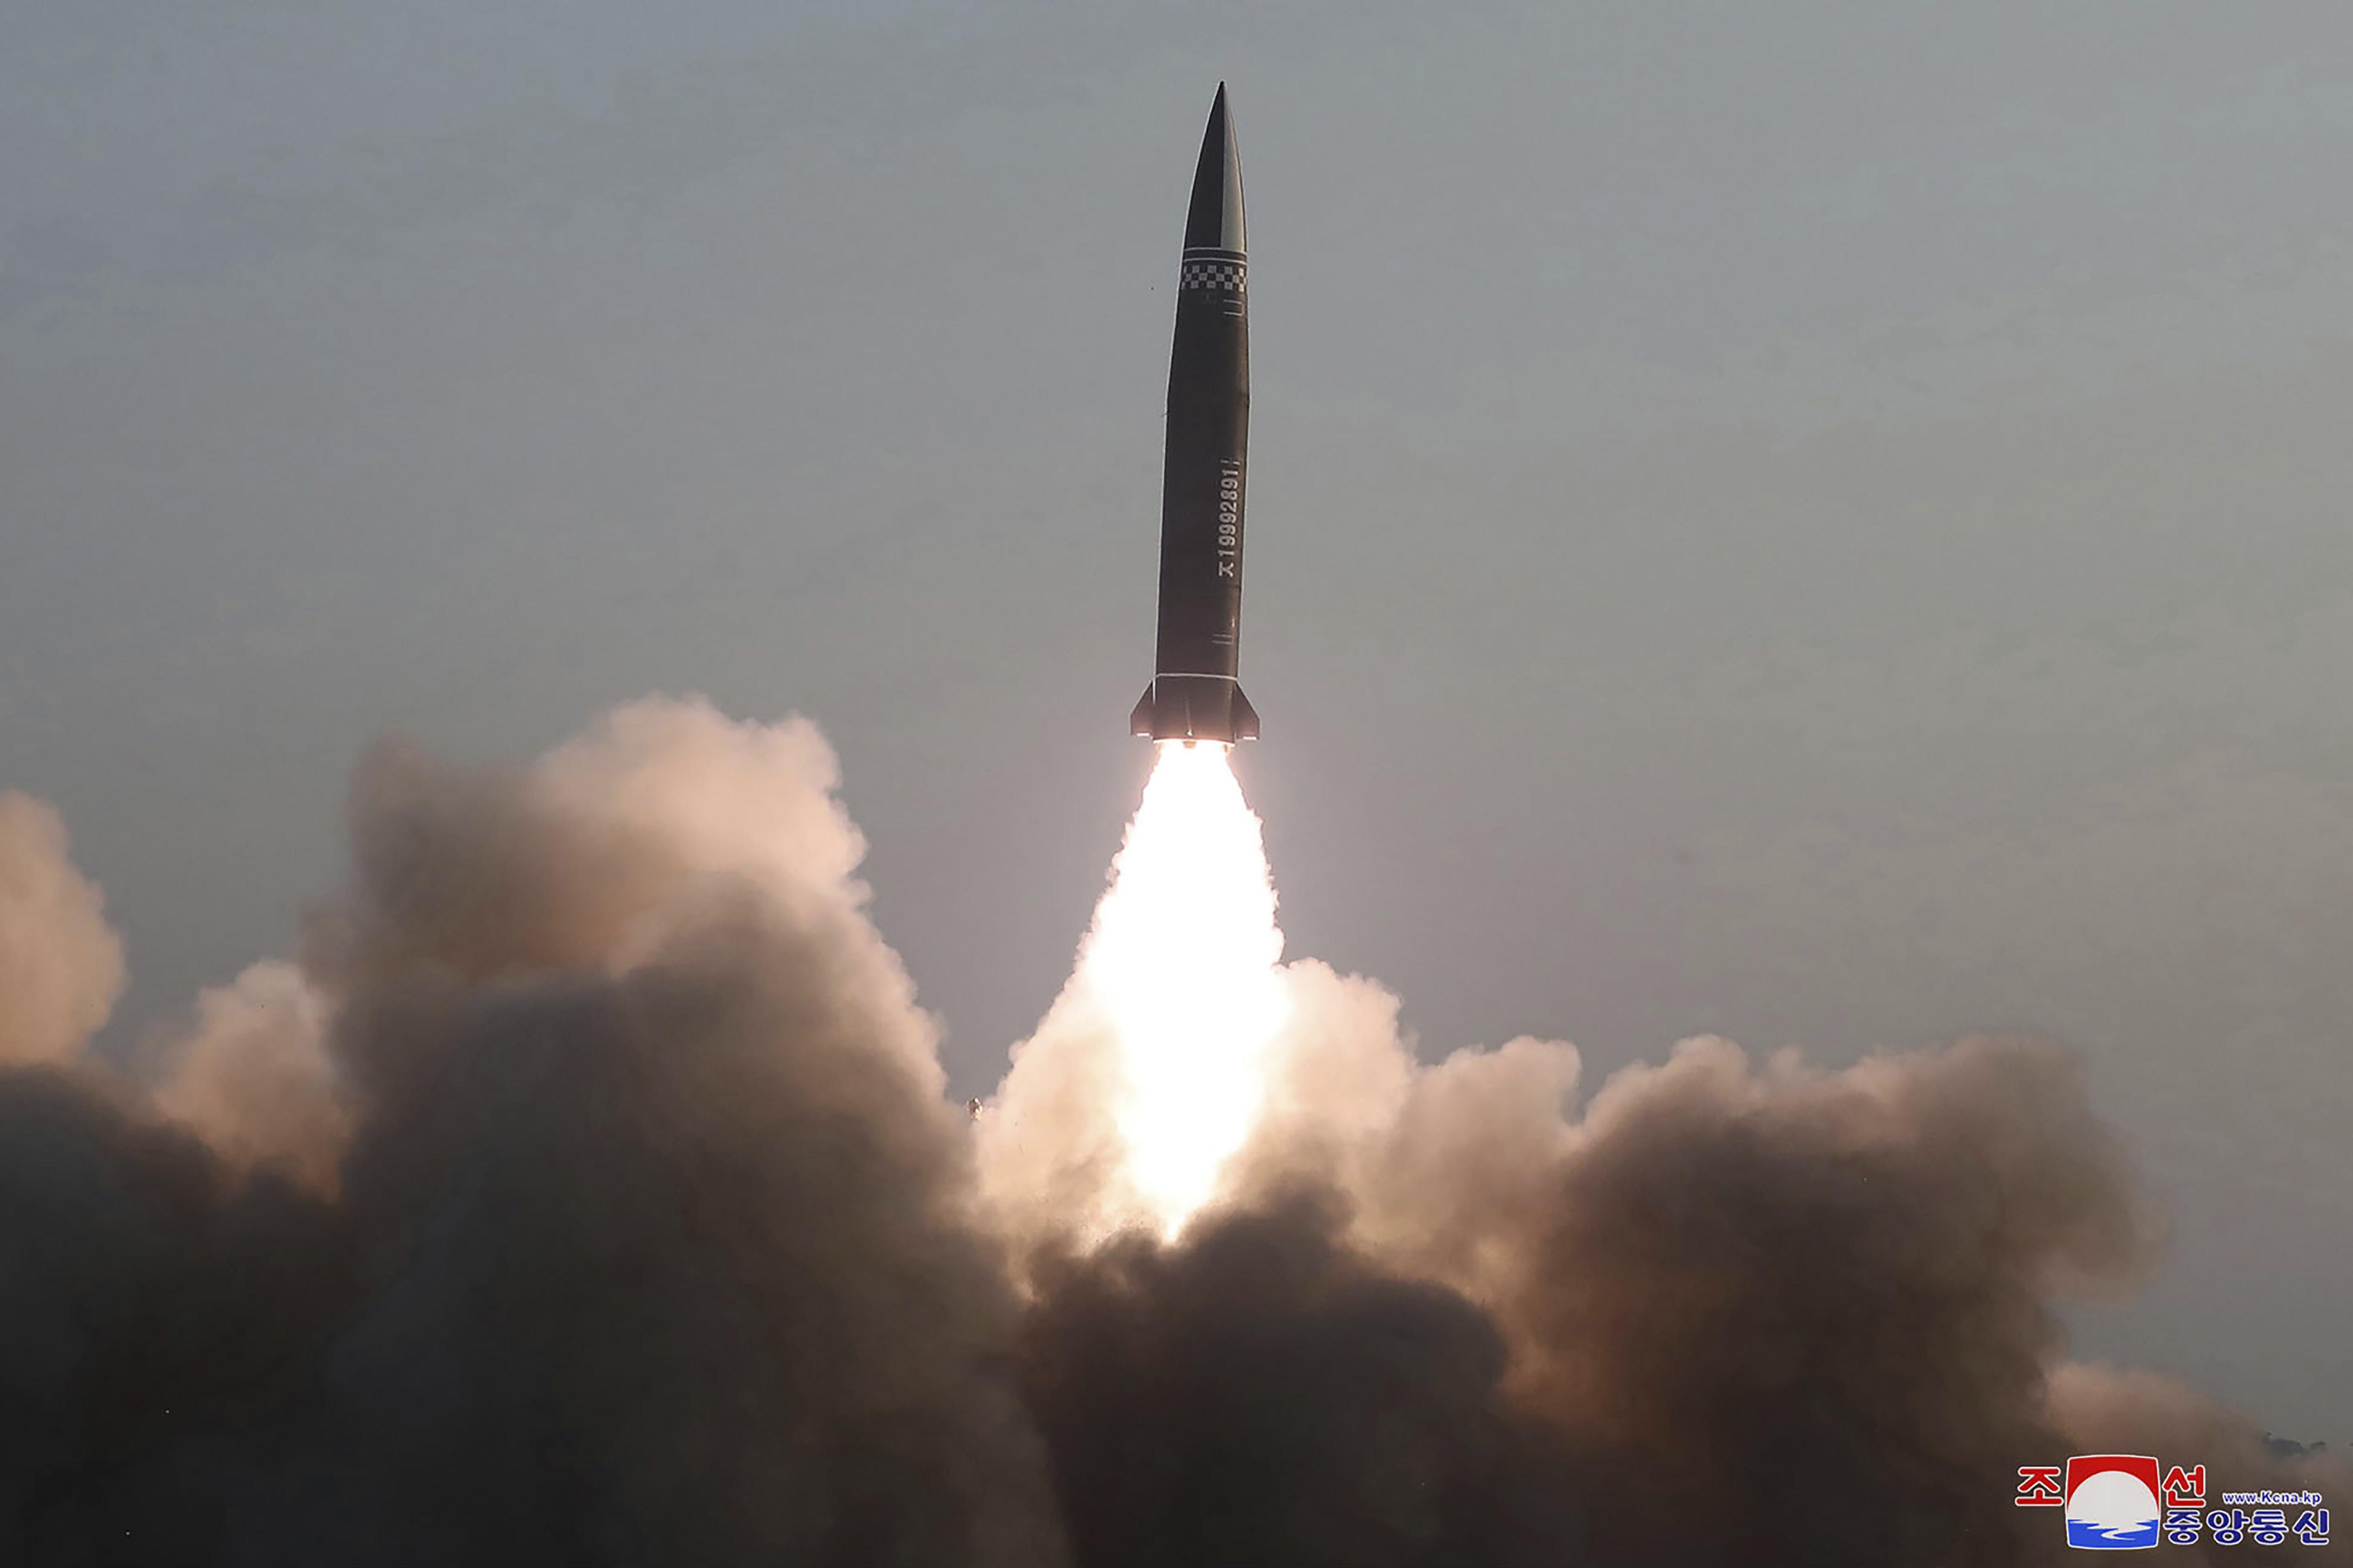 ▲▼北韓仍持續進行核武相關活動,圖為3月25日北韓試射經改良的彈道飛彈。(圖/達志影像/美聯社)